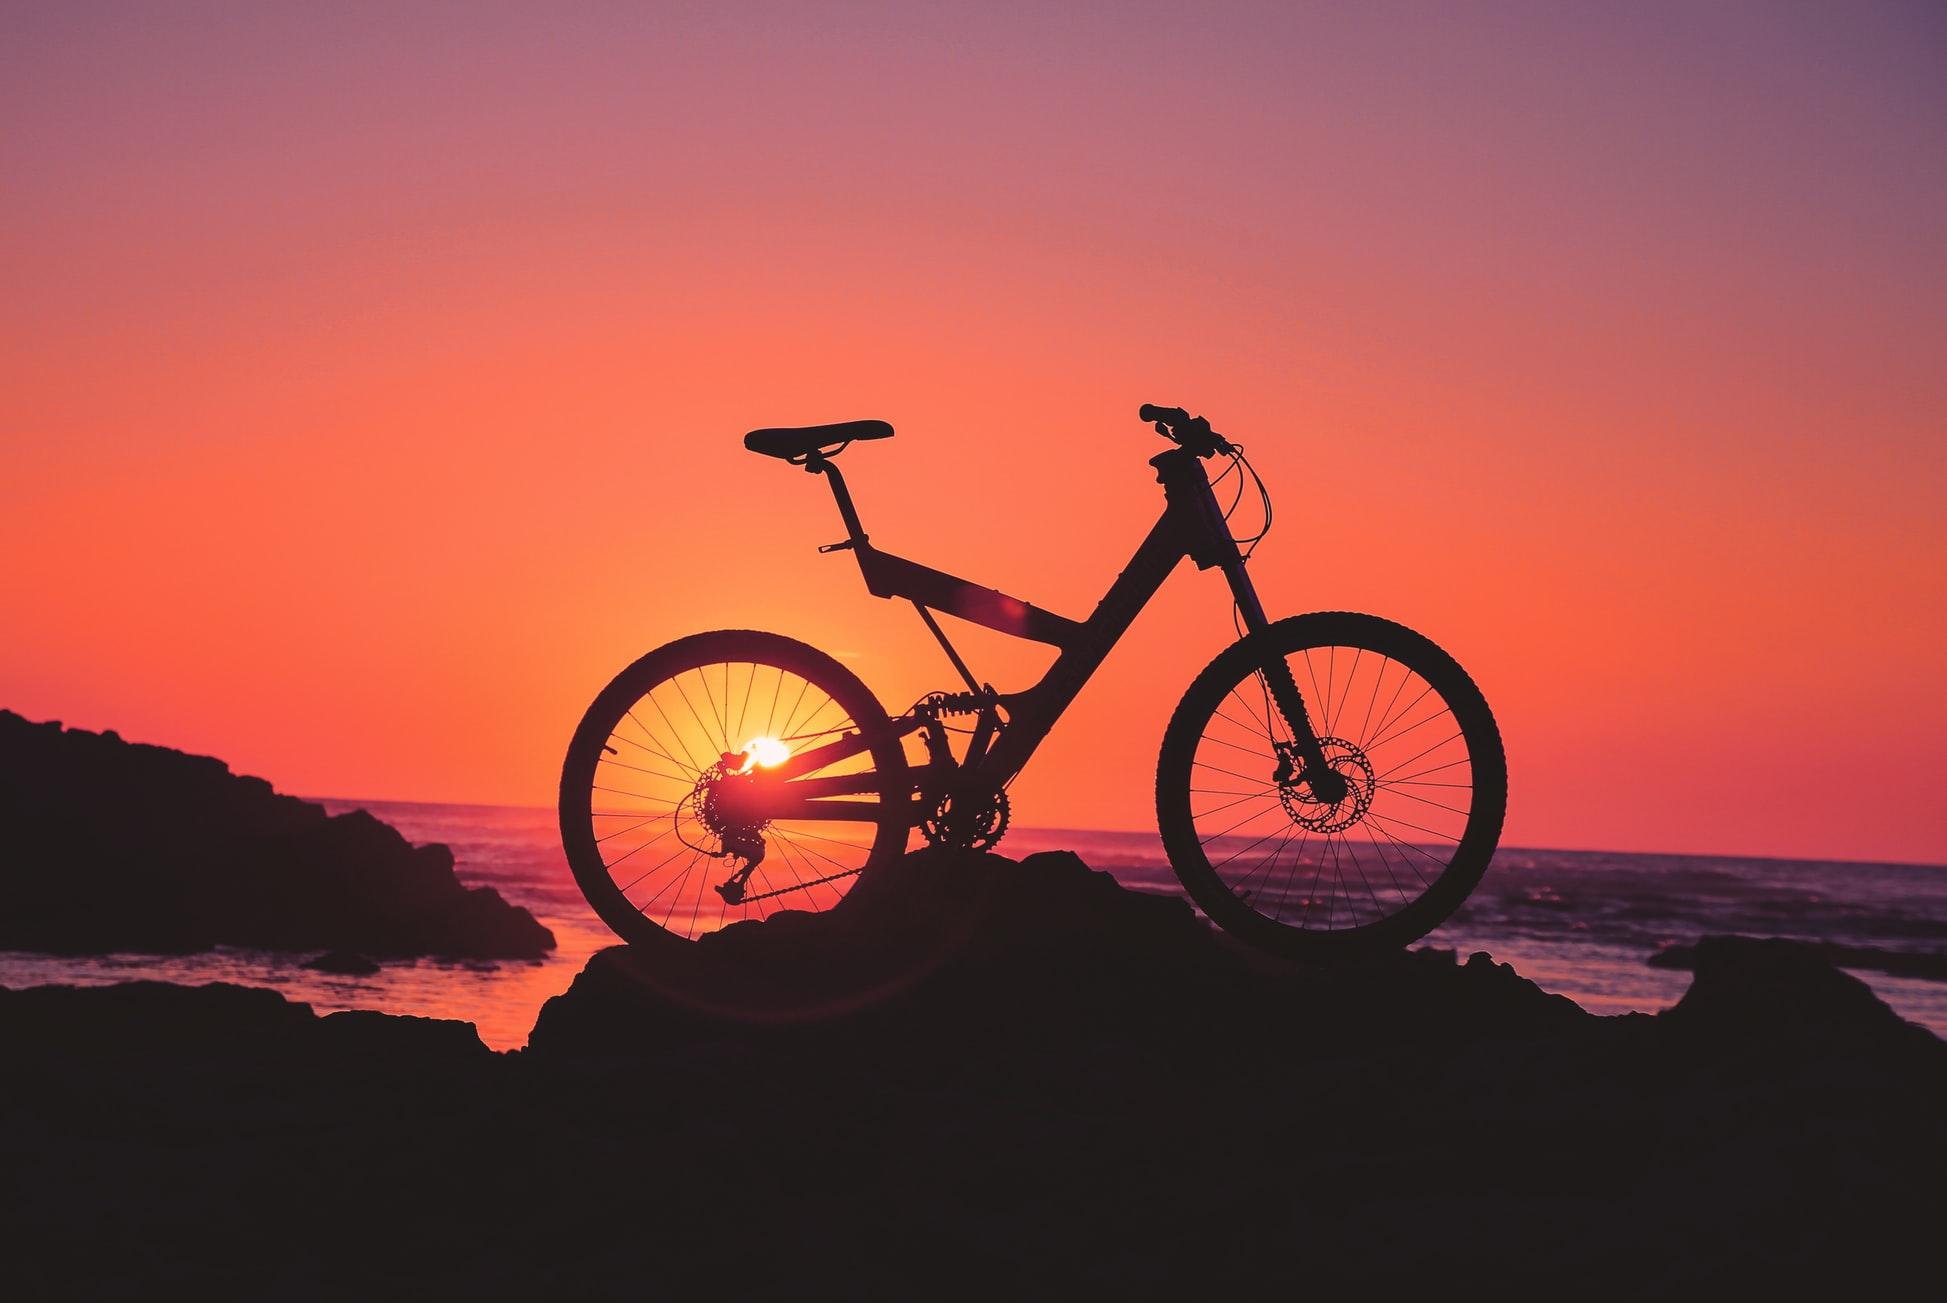 Zypern - mit dem Fahrrad zum Sonnenuntergang radeln